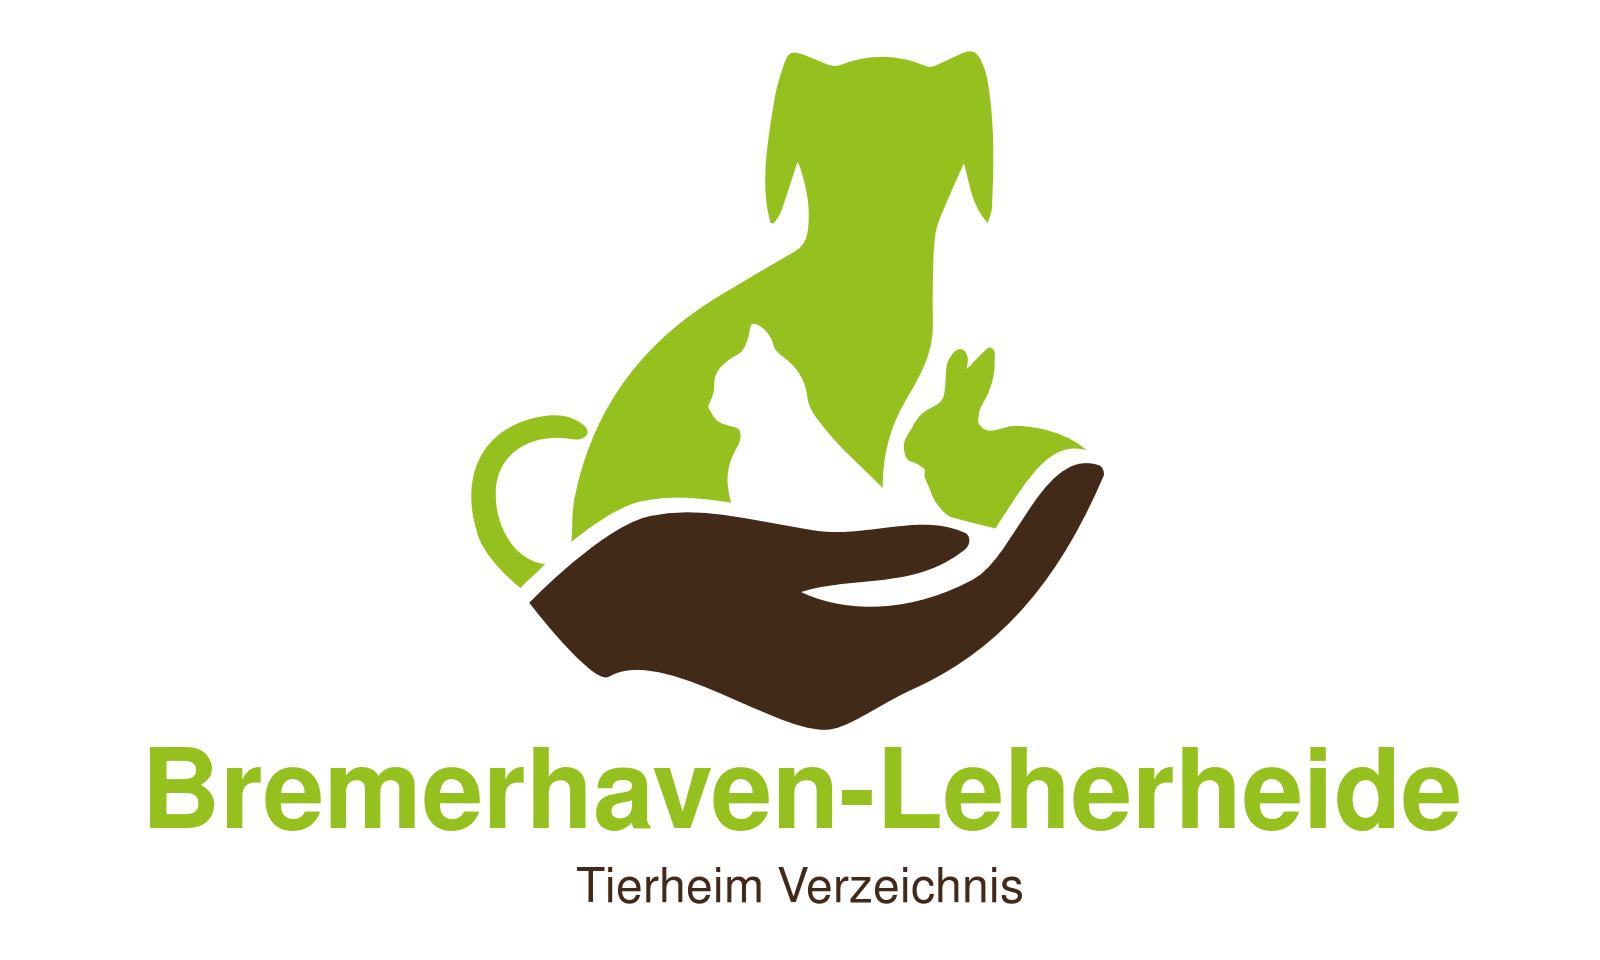 Tierheim Bremerhaven Leherheide